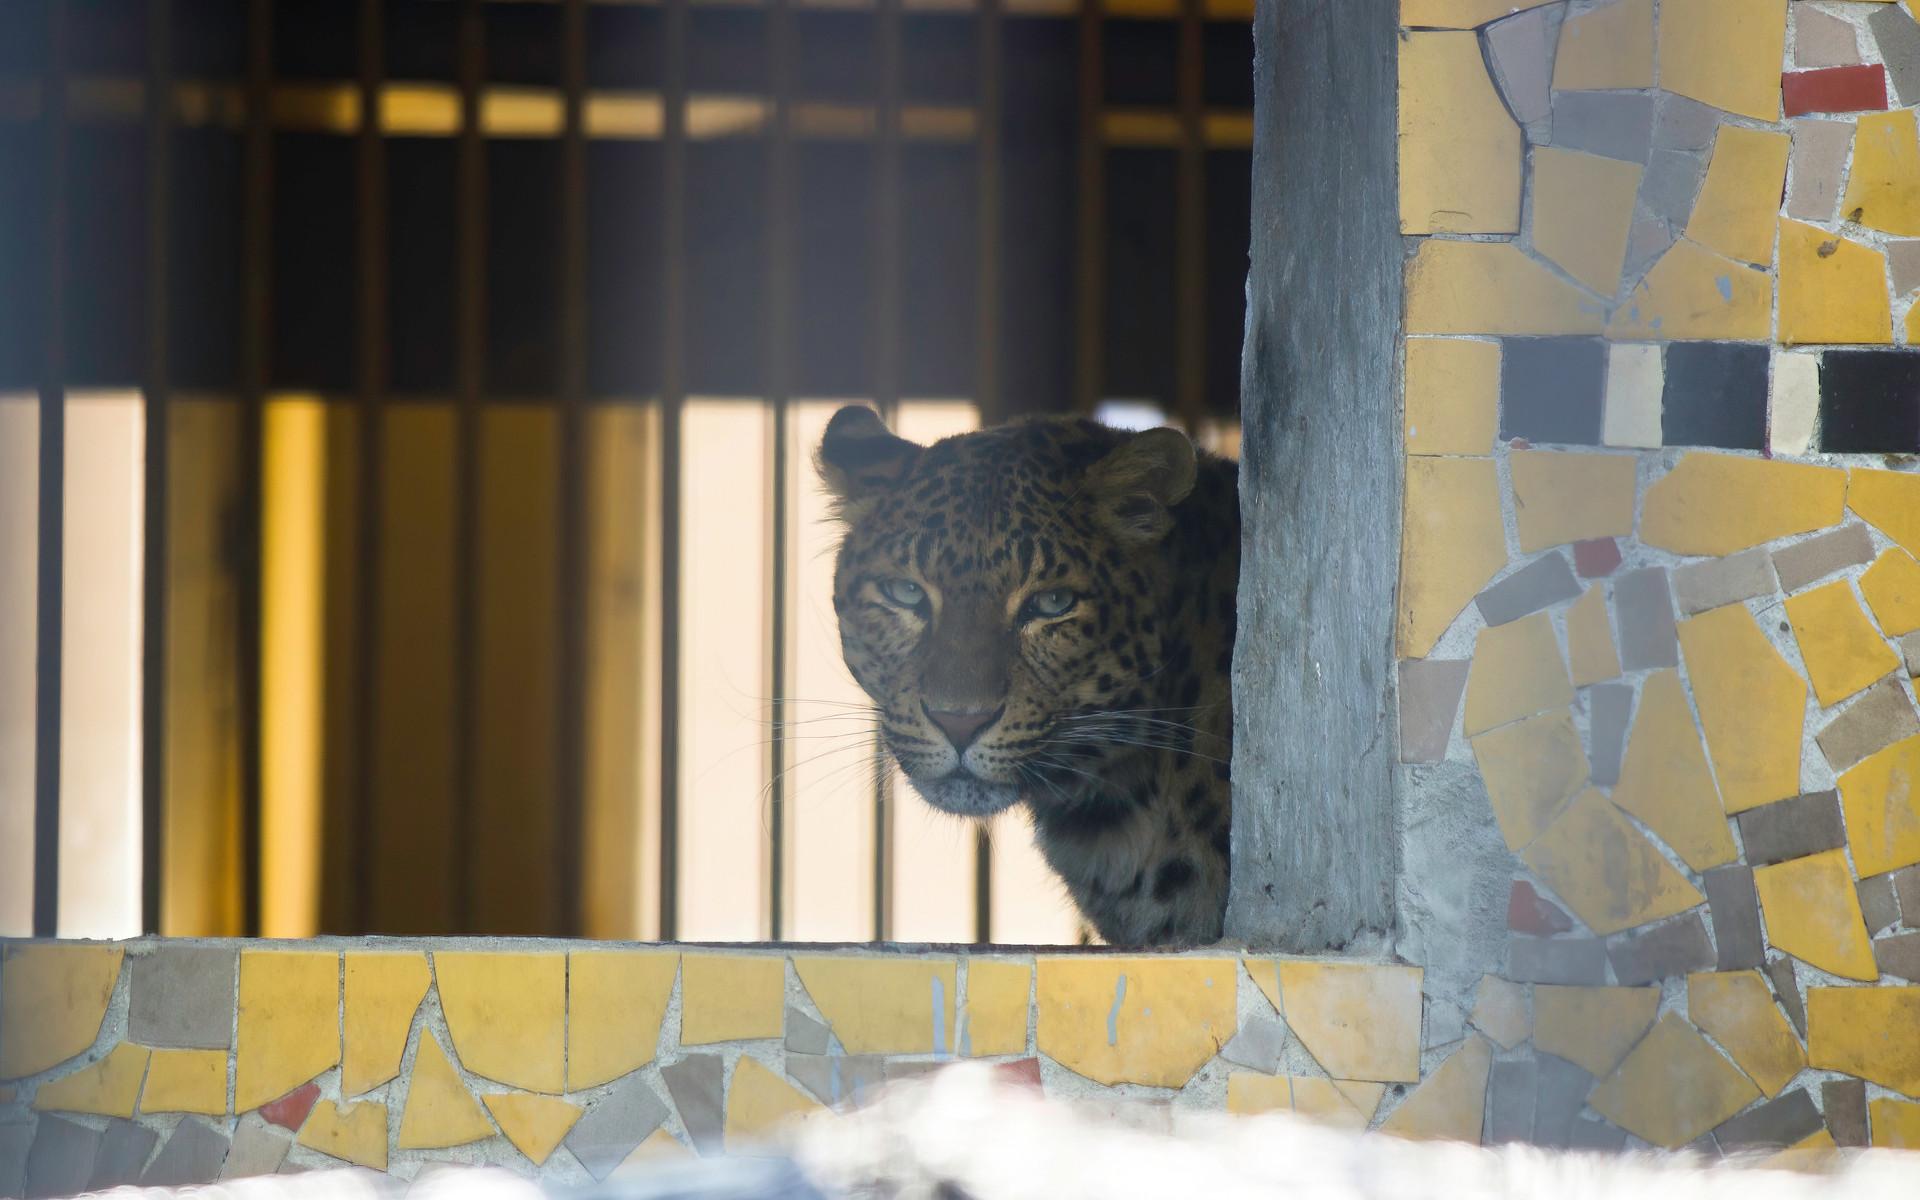 Leoparde in Gefangenschaft